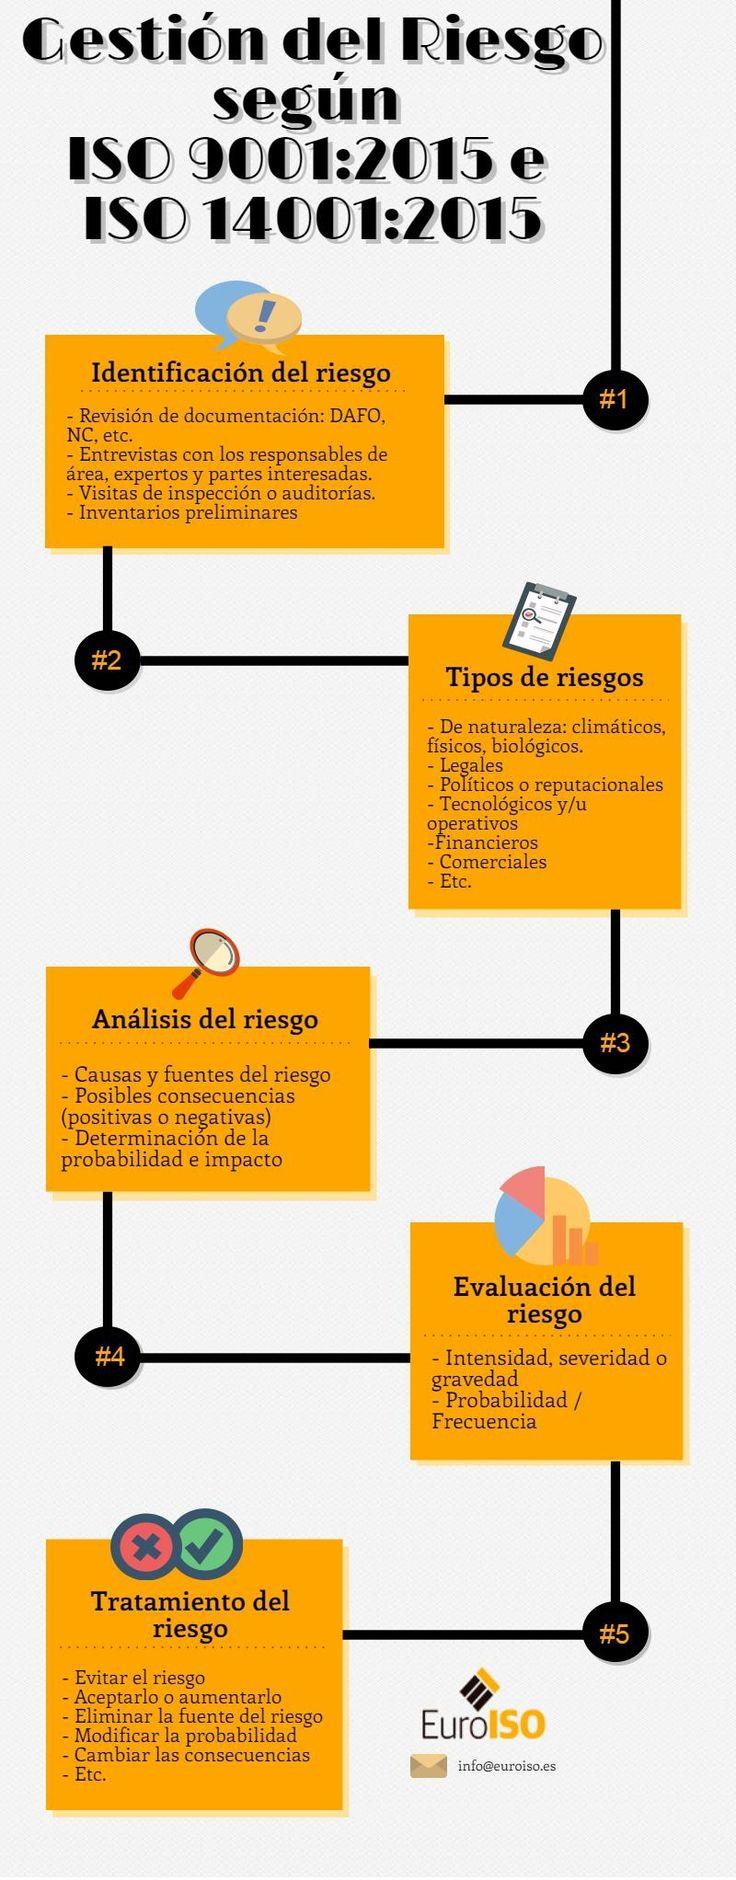 Infografía que explica las fases para realizar el proceso de gestión del riesgo